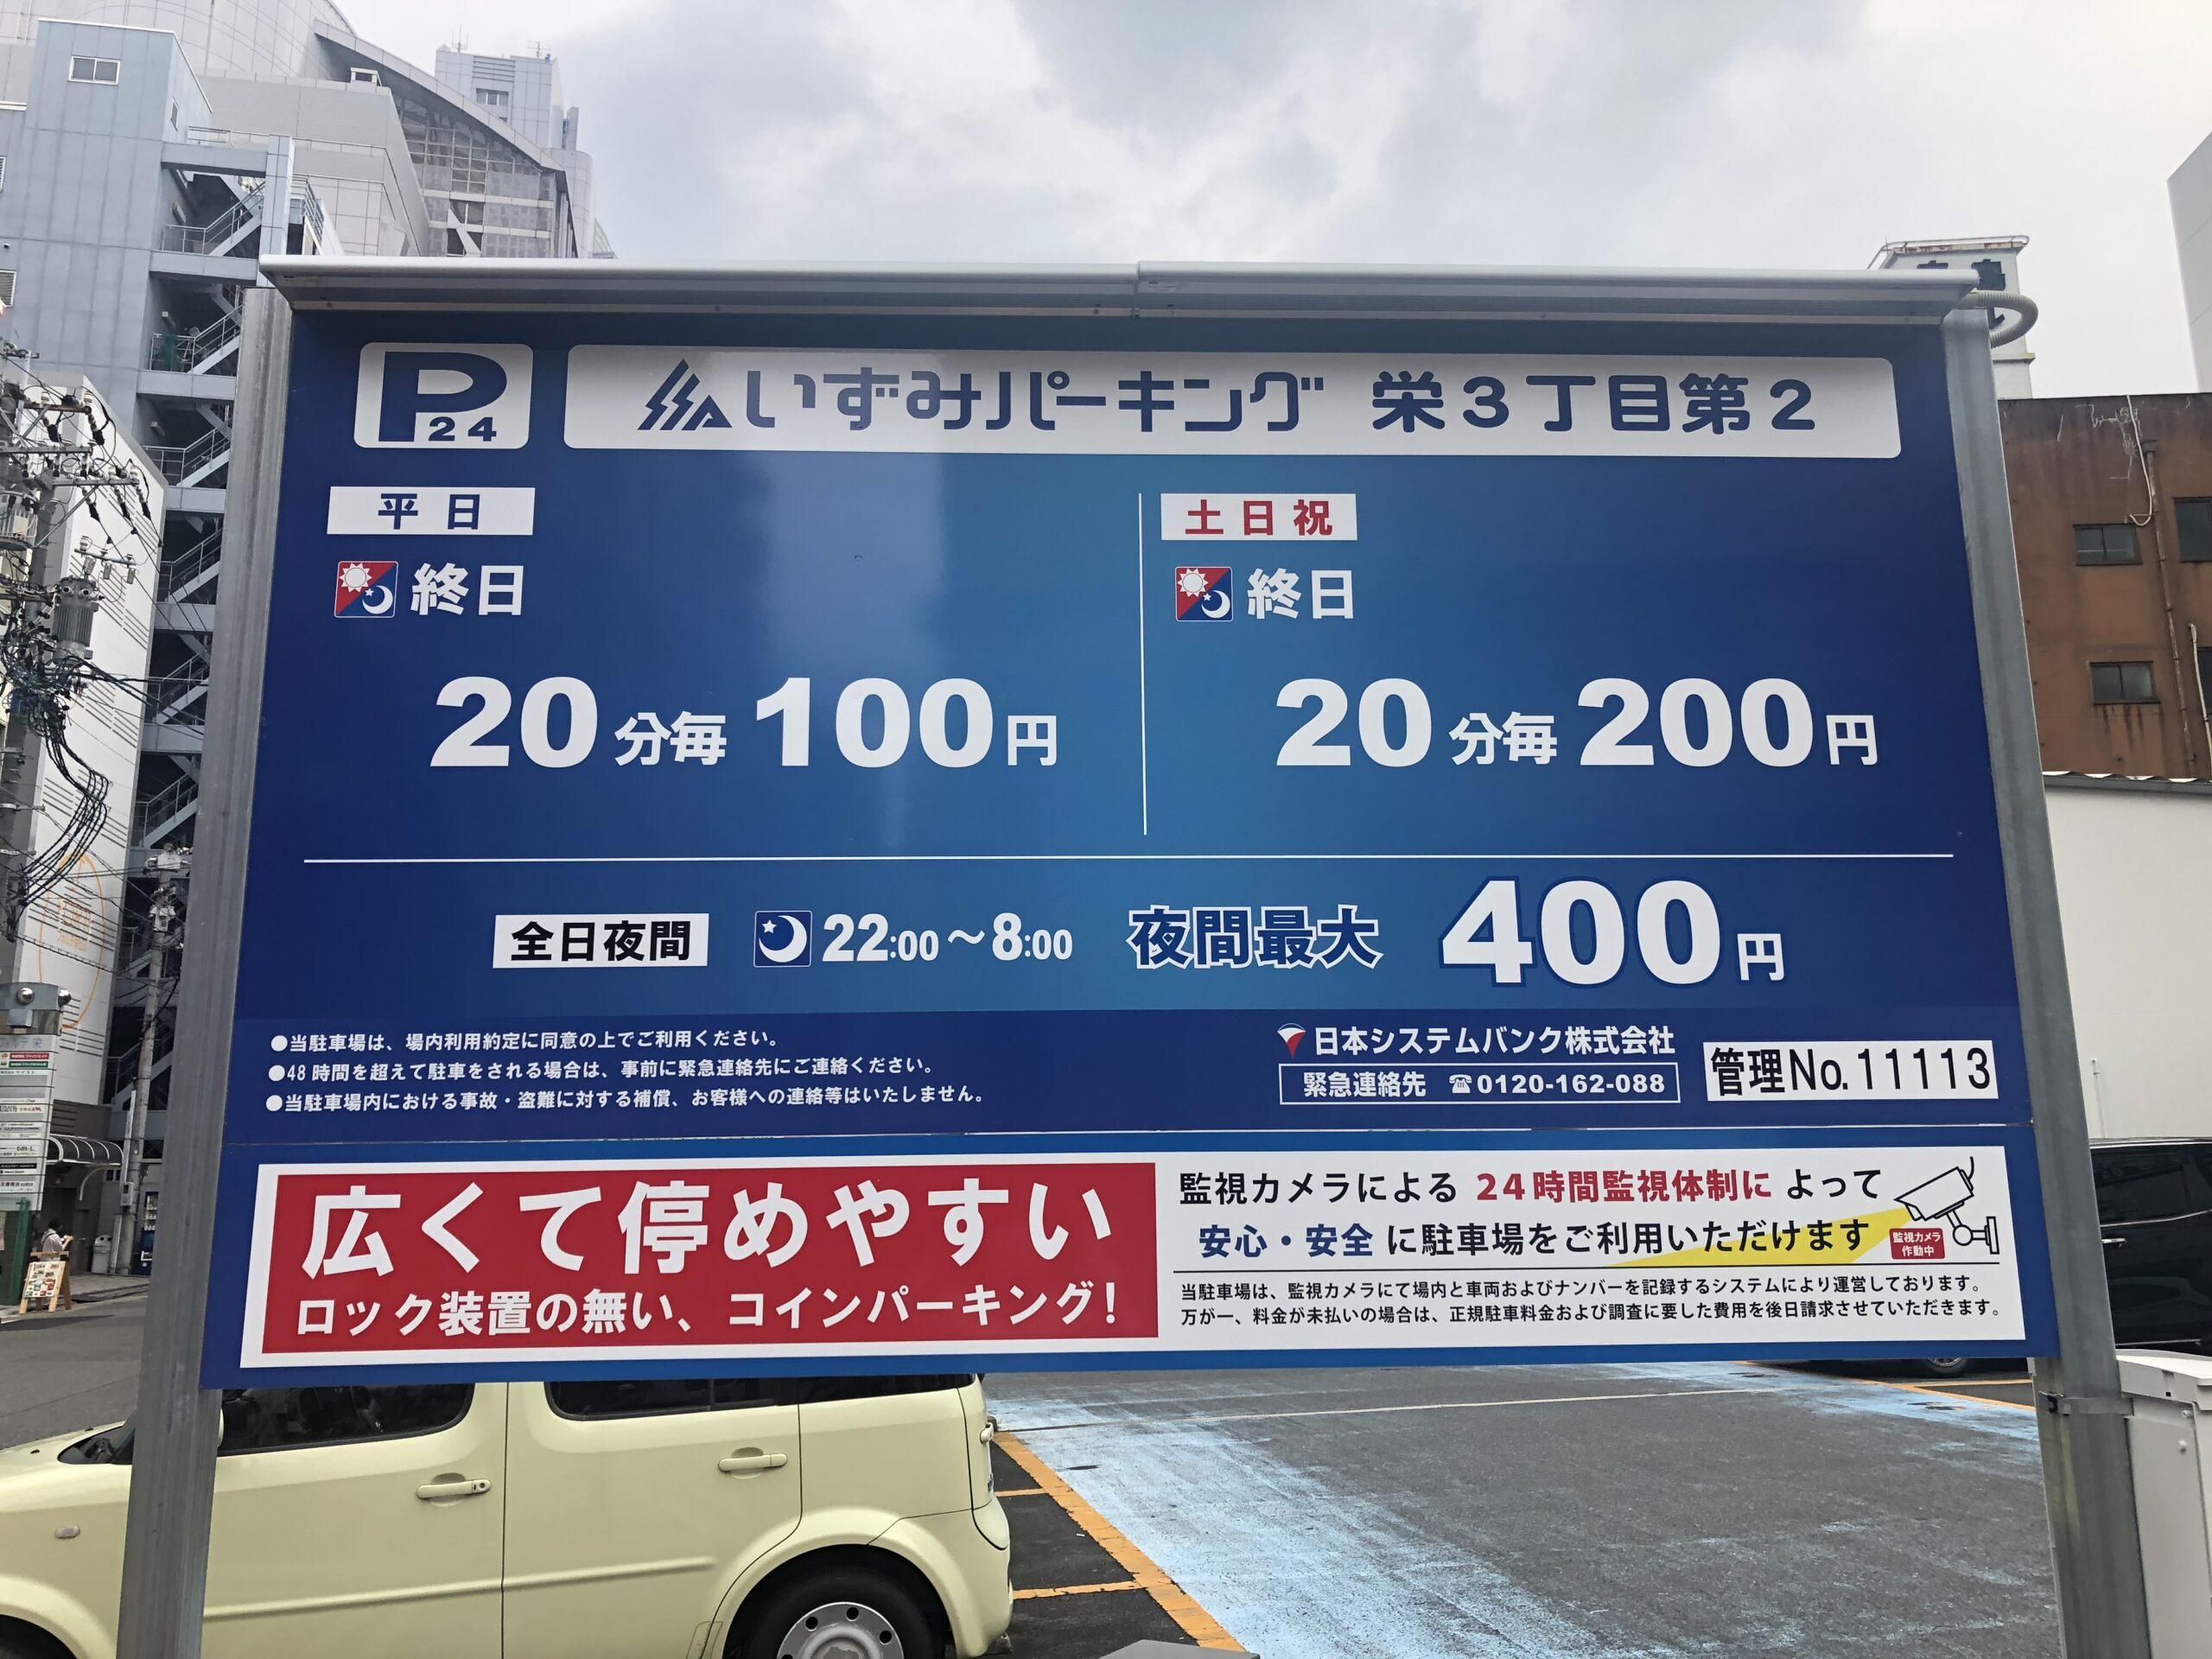 いずみパーキング栄3丁目第2